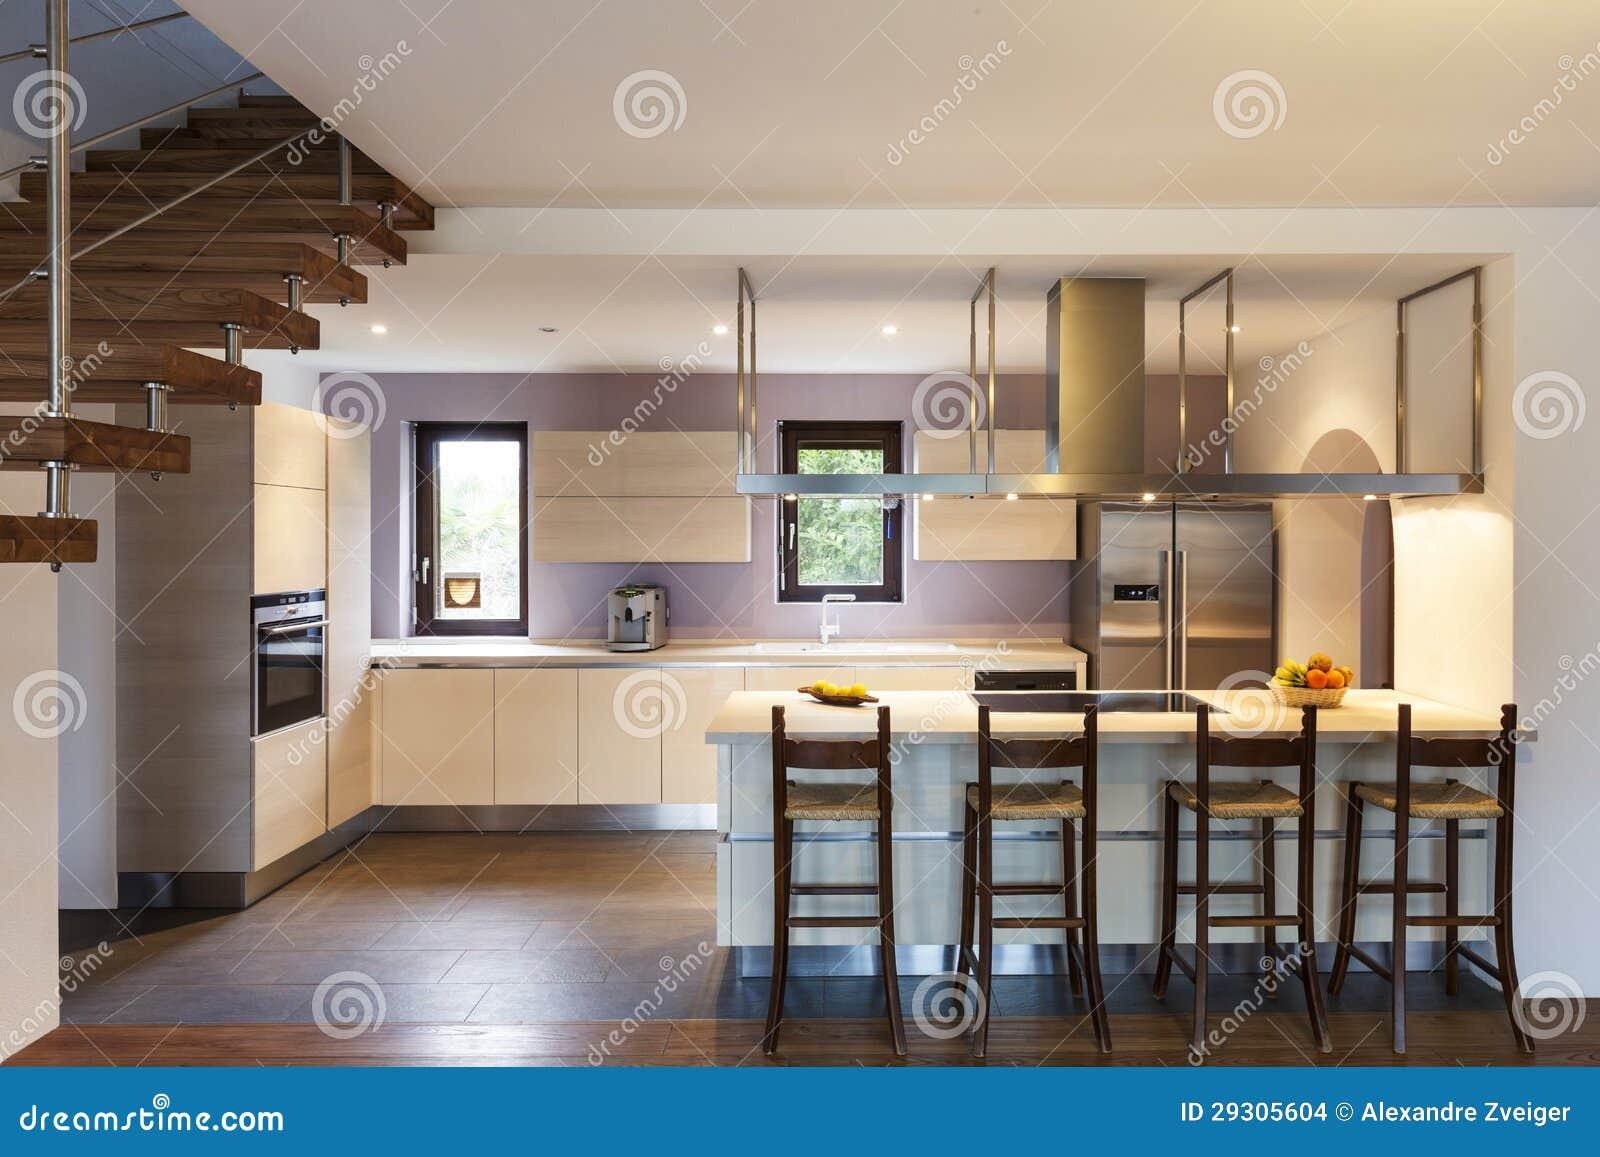 Wnętrze Dom, Kuchnia Obrazy Stock  Obraz 29305604